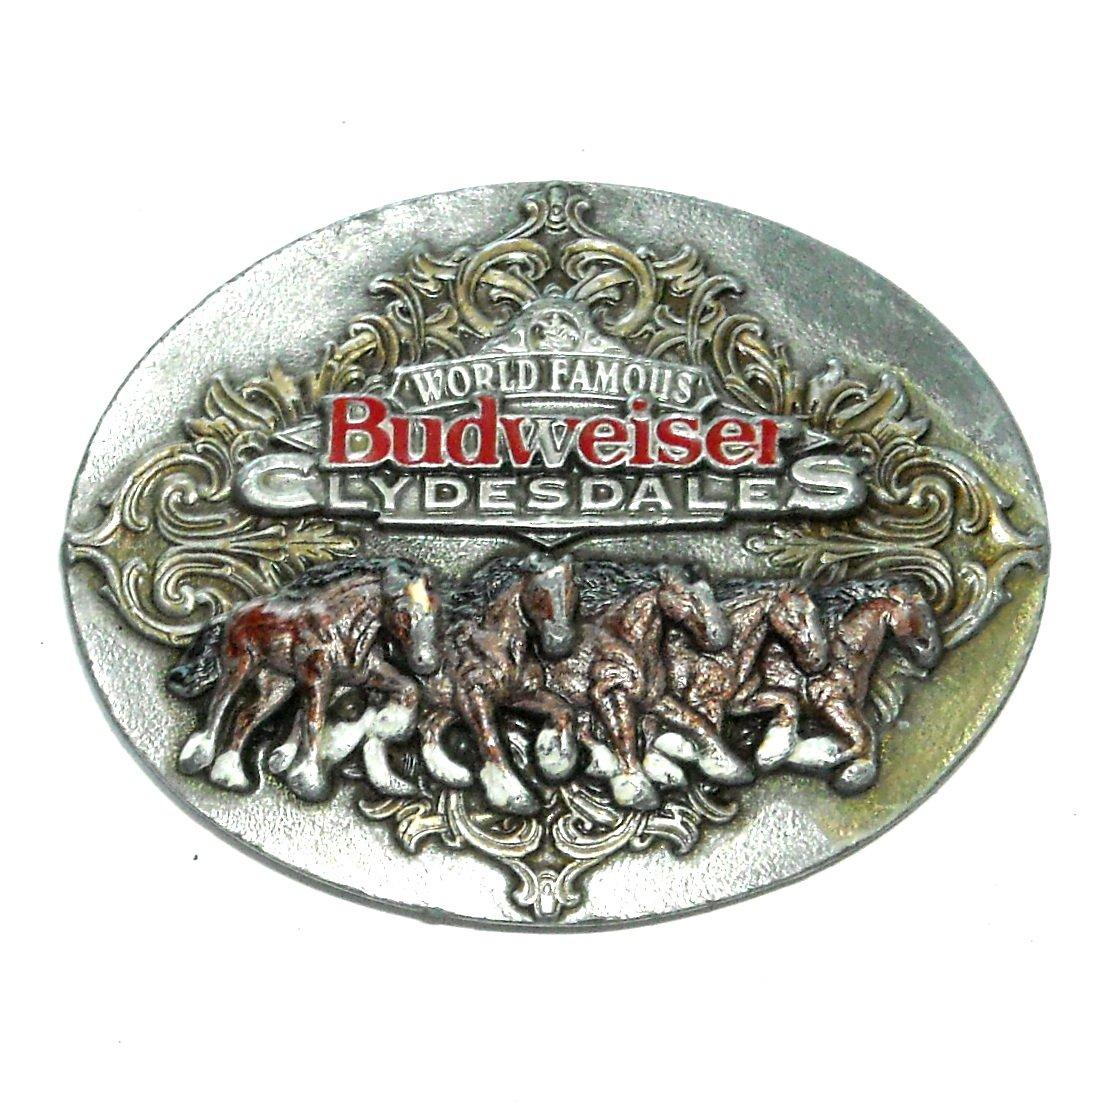 Budweiser Clydesdales 3D Anheuser Busch Bergamot US Belt Buckle